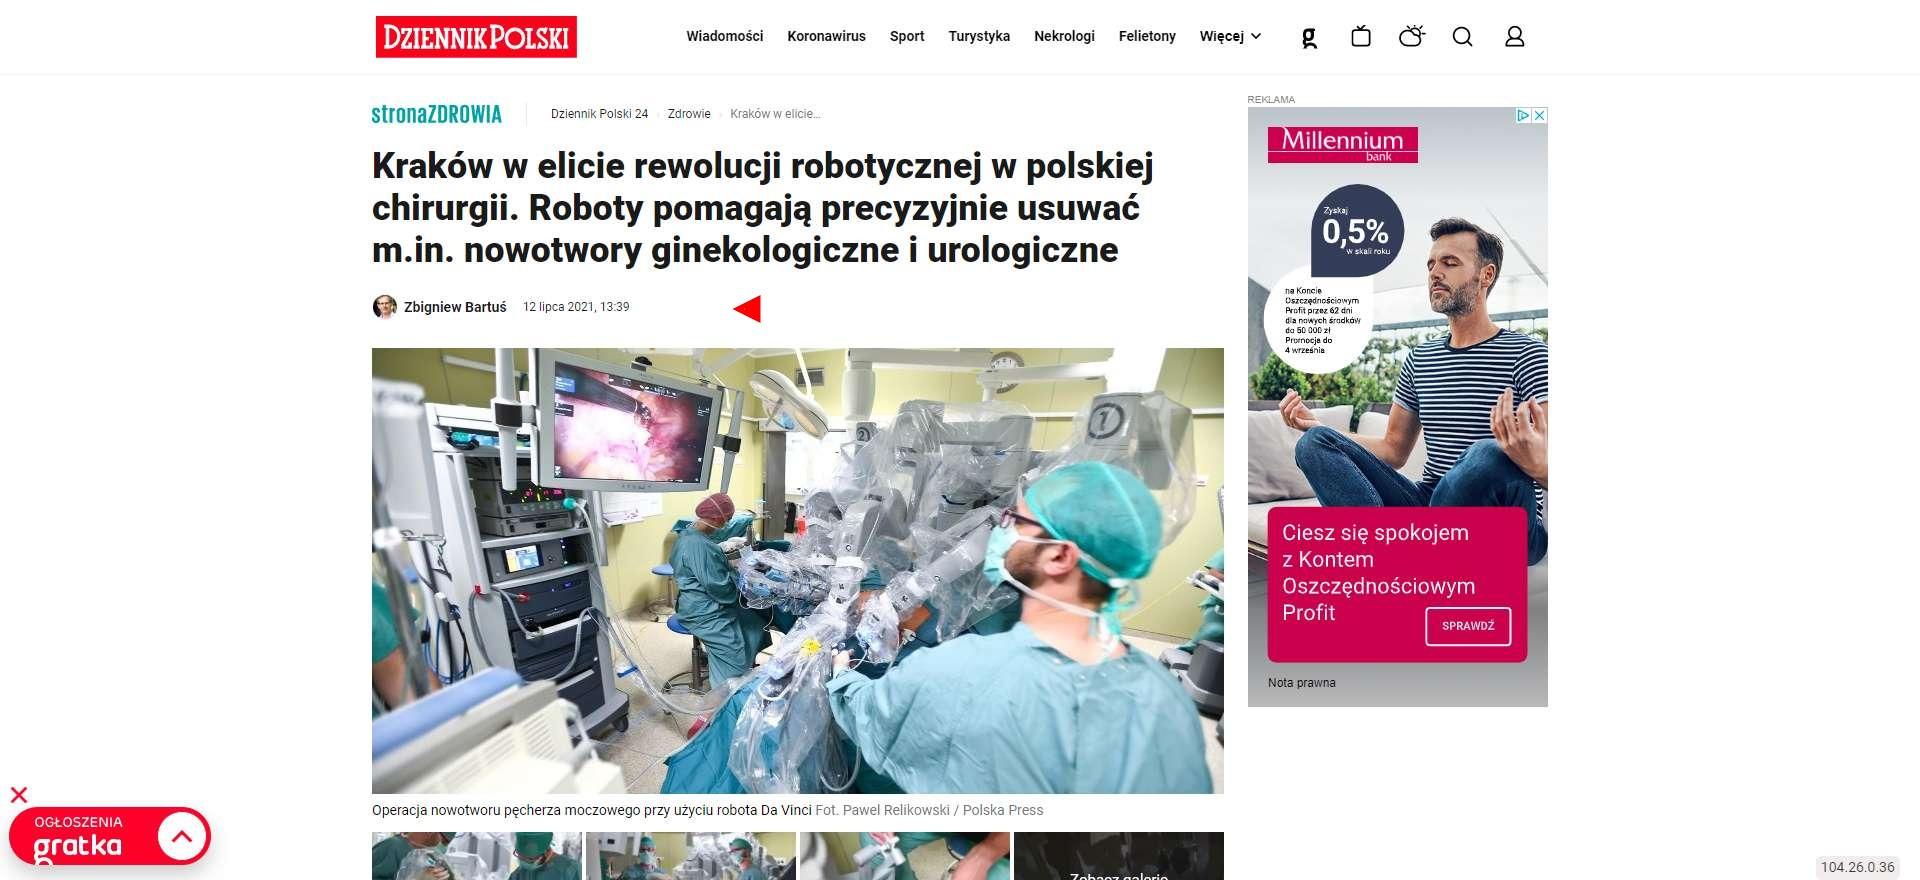 krakow w elicie rewolucji robotycznej w polskiej chirurgii roboty pomagaja precyzyjnie usuwac min nowotwory ginekologiczne i urologiczne